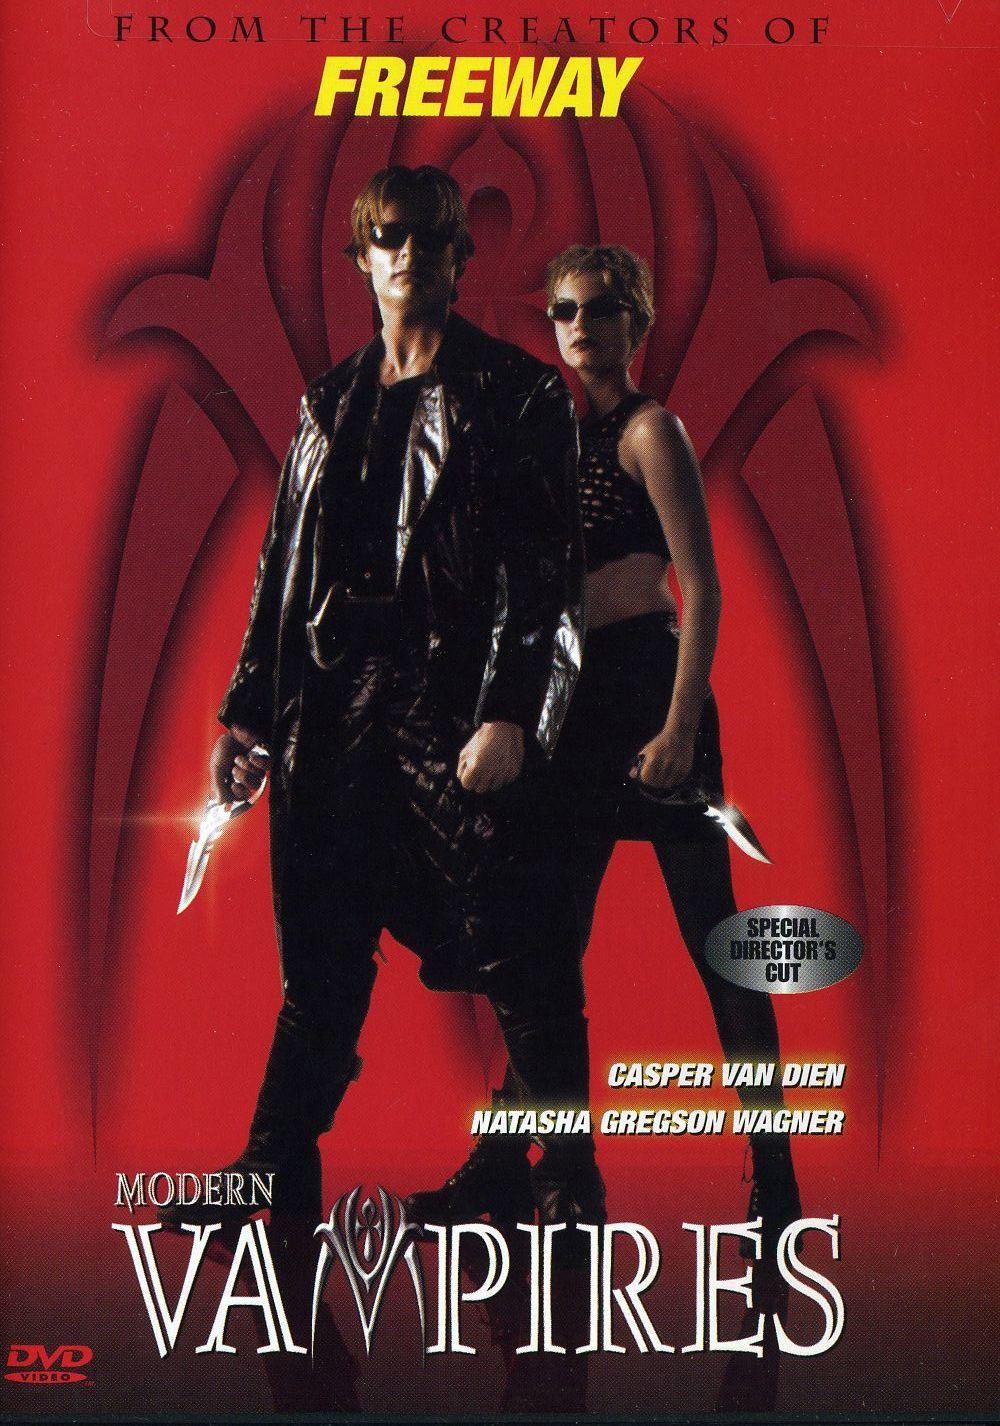 Modern Vampires (DVD)